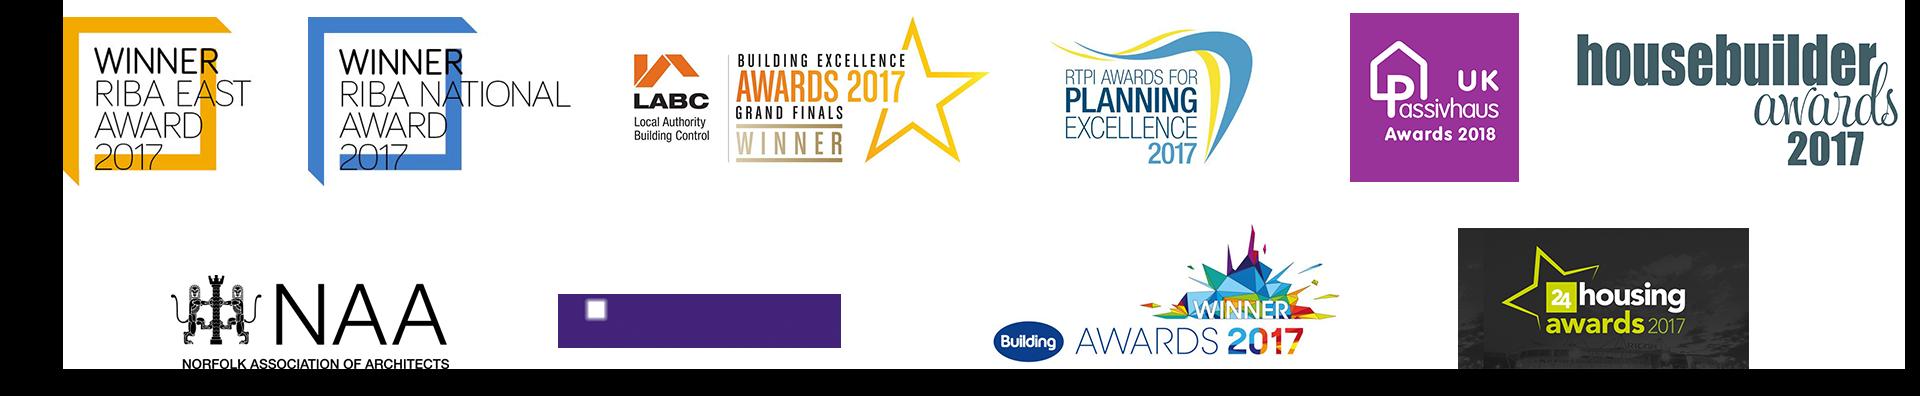 Carrowbreck awards 2017